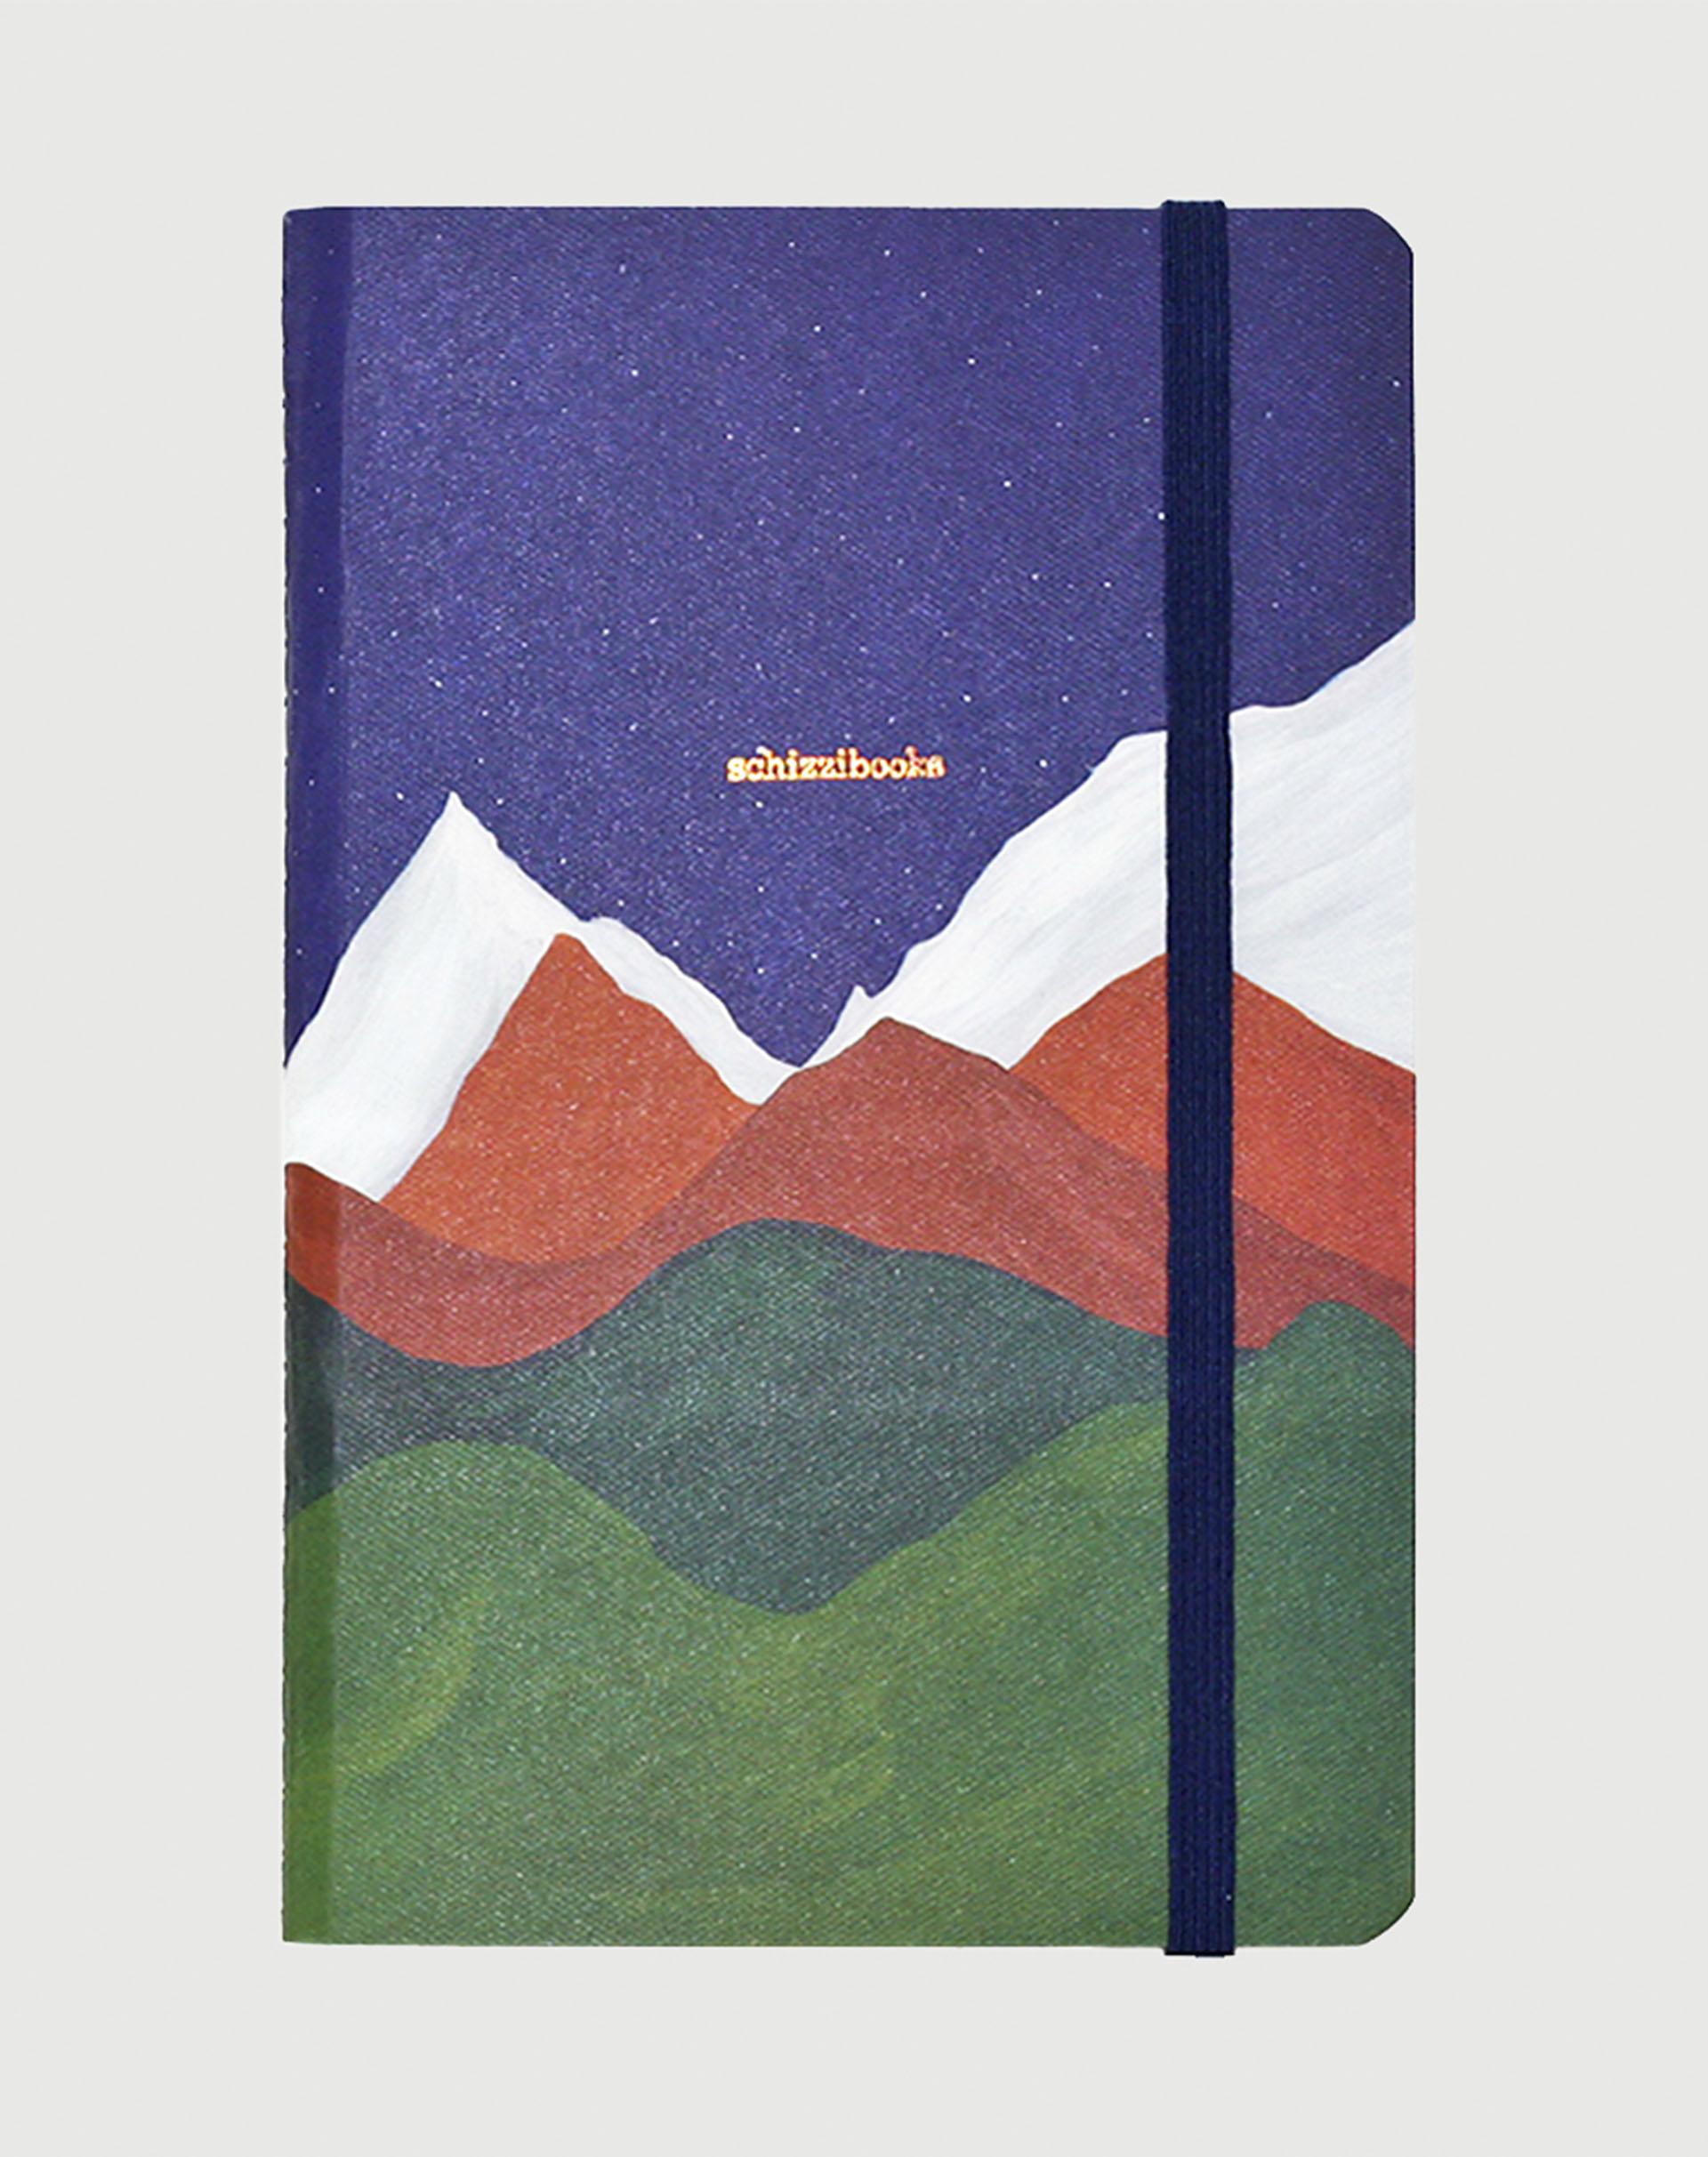 AMARO Feminino SCHIZZIBOOKS SKETCHBOOK LARGE, USHUAIA